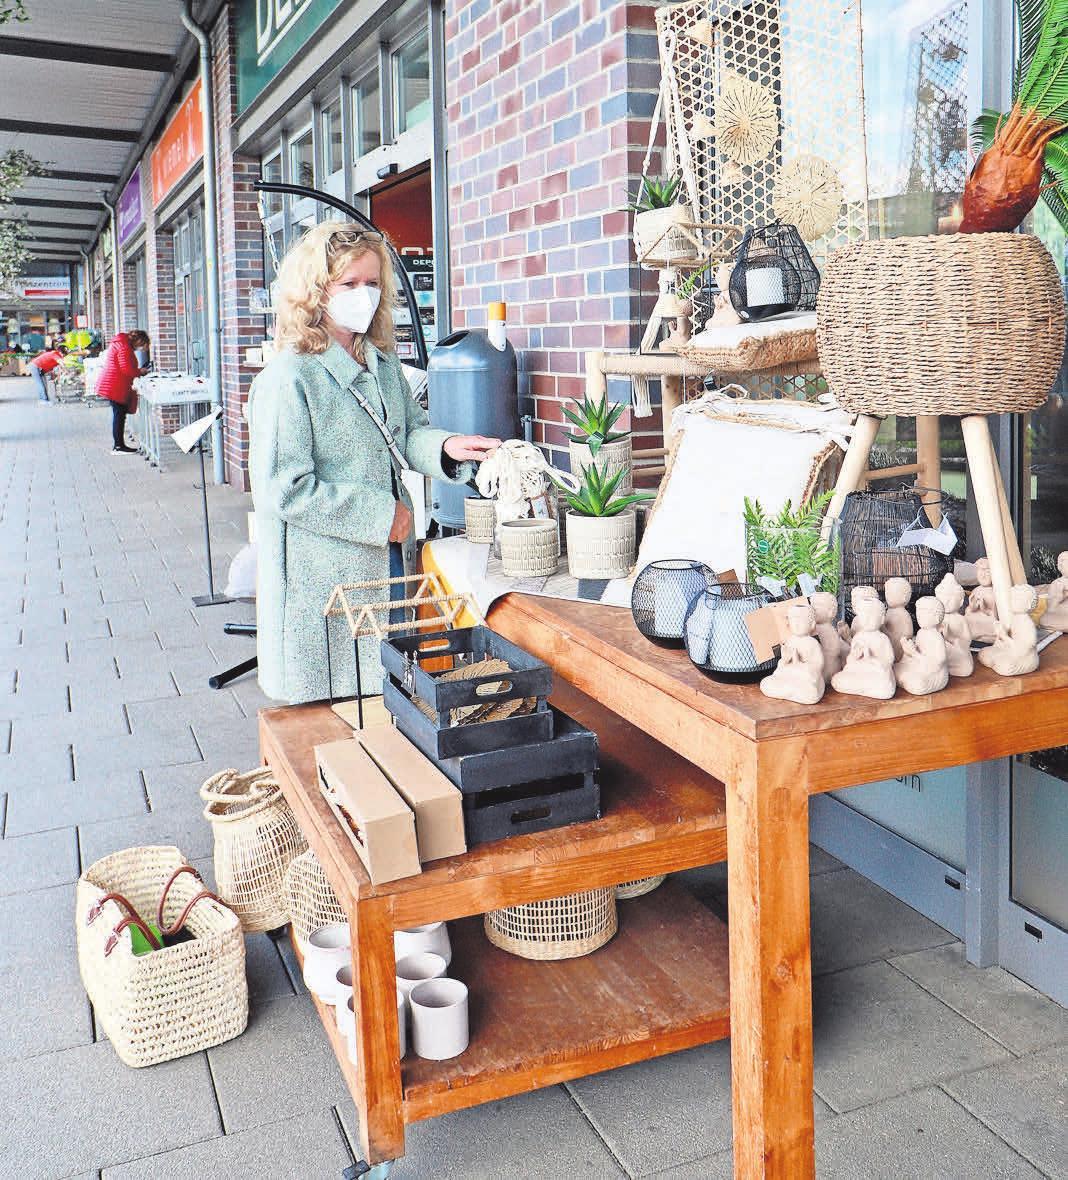 Bei jedem Wetter Einkaufsvergnügen pur: Im Einkaufspark Klein-Buchholz können Besucher und Besucherinnen unter den Arkaden flanieren.